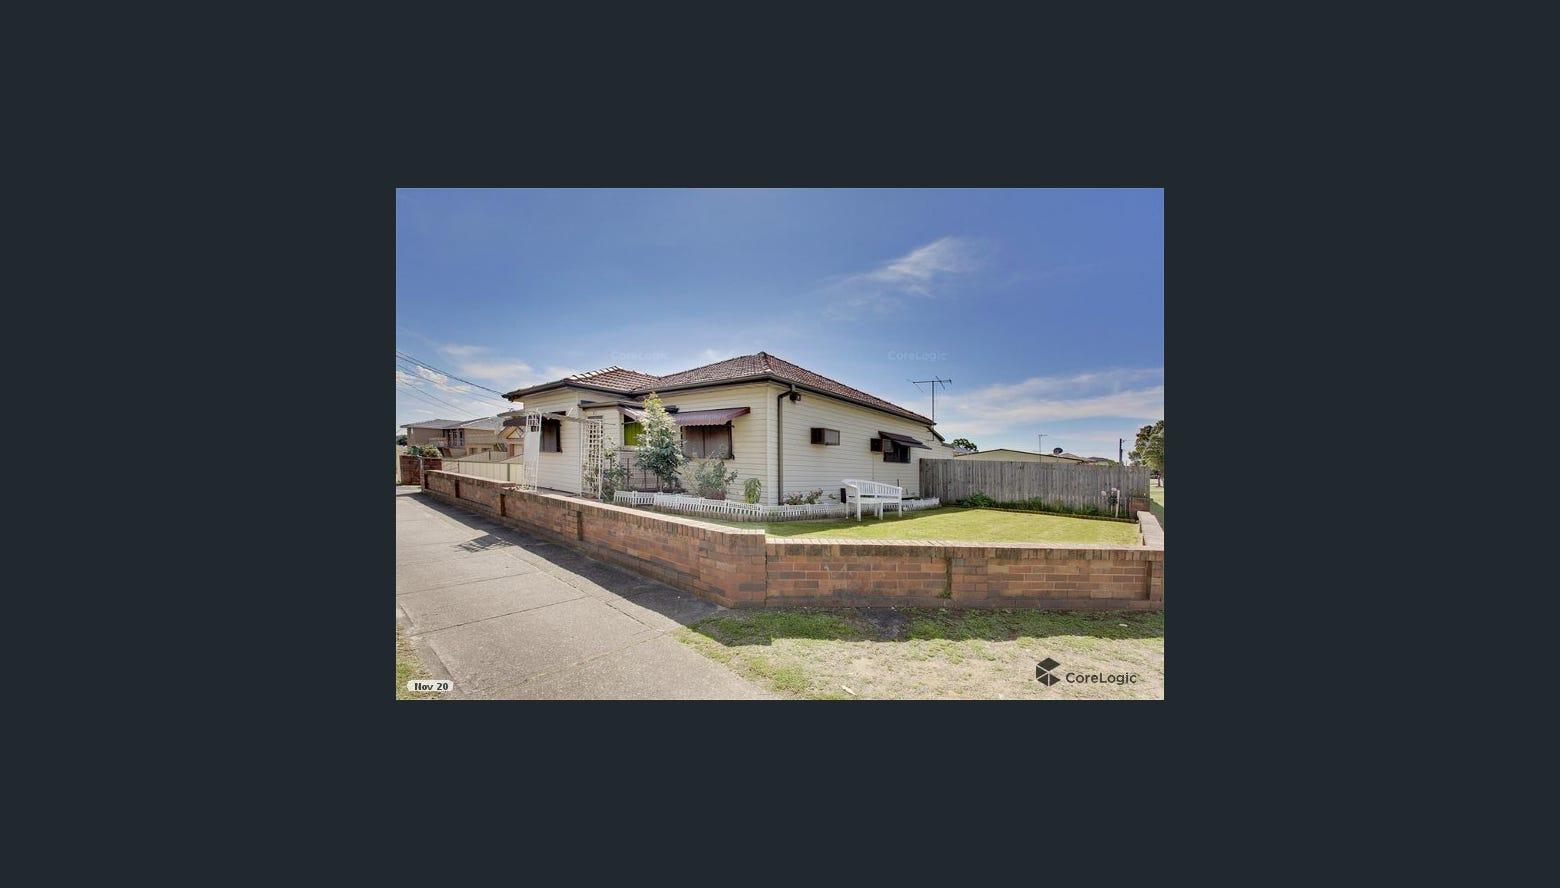 469 Merrylands Road, Merrylands, NSW 2160